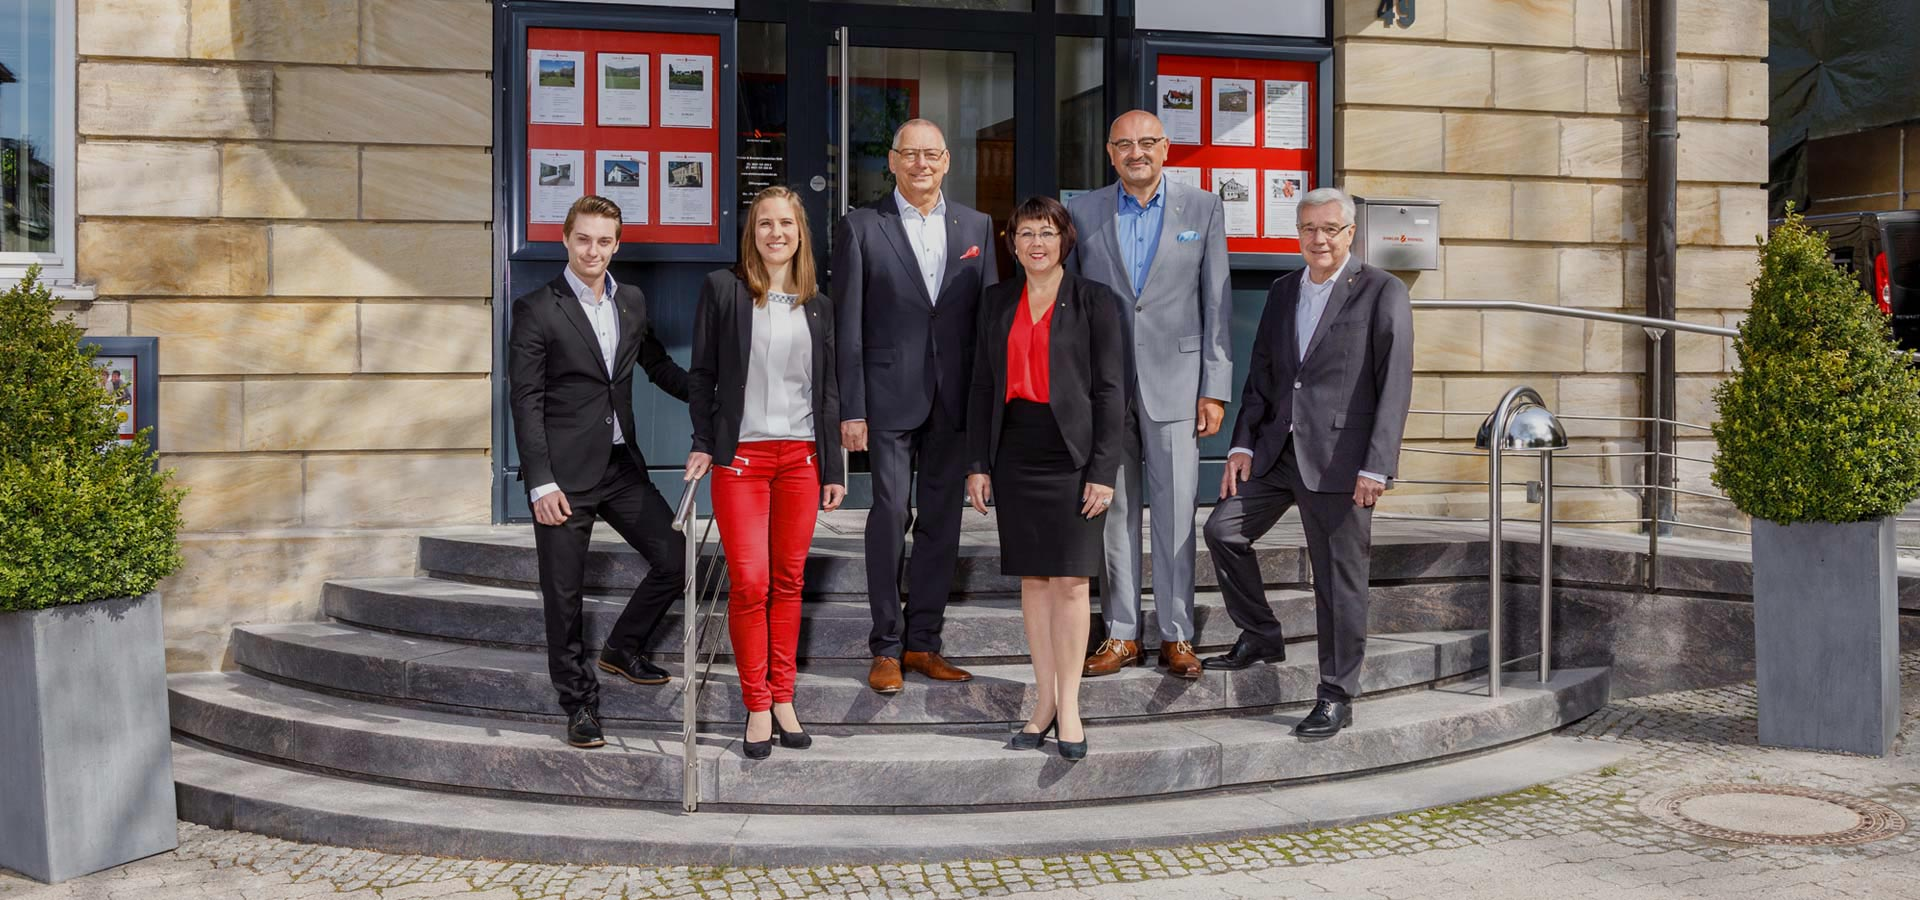 Das Team von Winkler & Brendel Immobilien vor der Geschäftsstelle